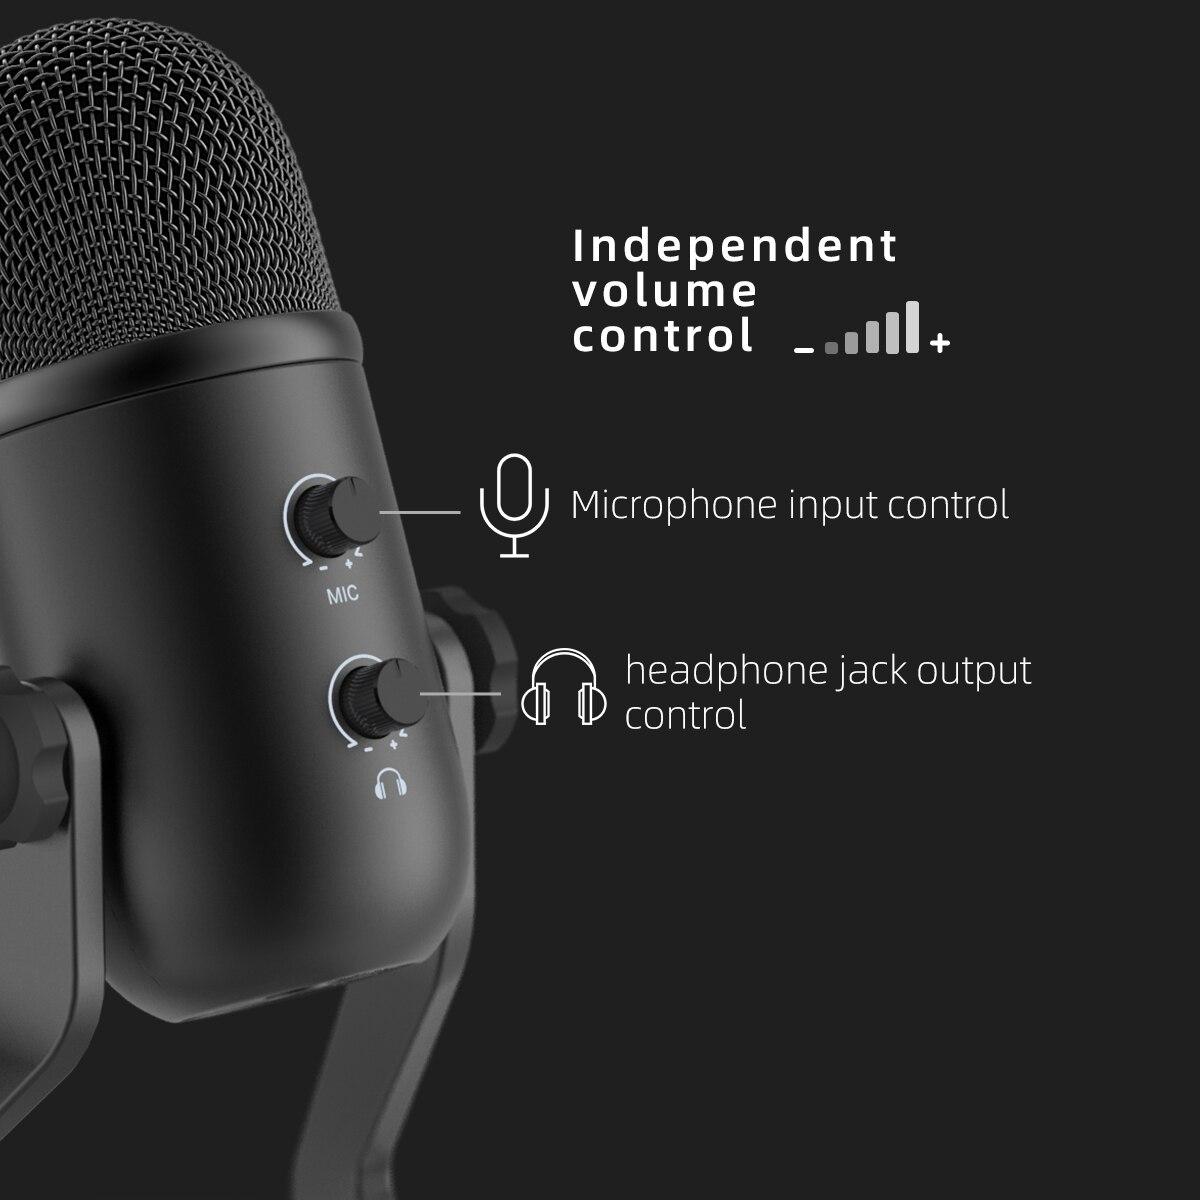 Microphone USB FIFINE pour enregistrement/Streaming/jeu, microphone professionnel pour PC & Mac, sortie casque micro & Control-K678 de Volume - 3